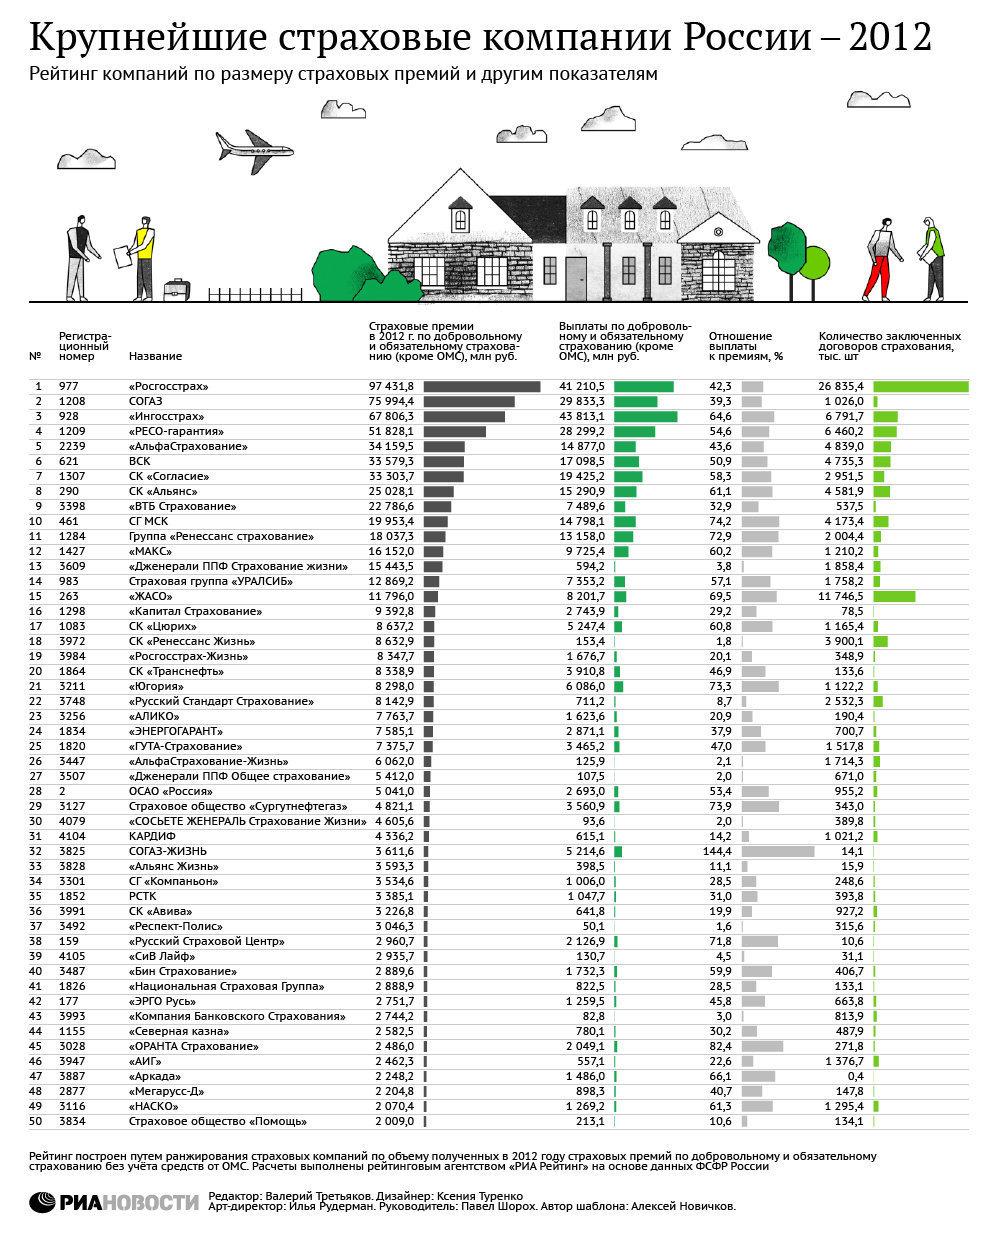 рейтинг страховых компании по объему услуг